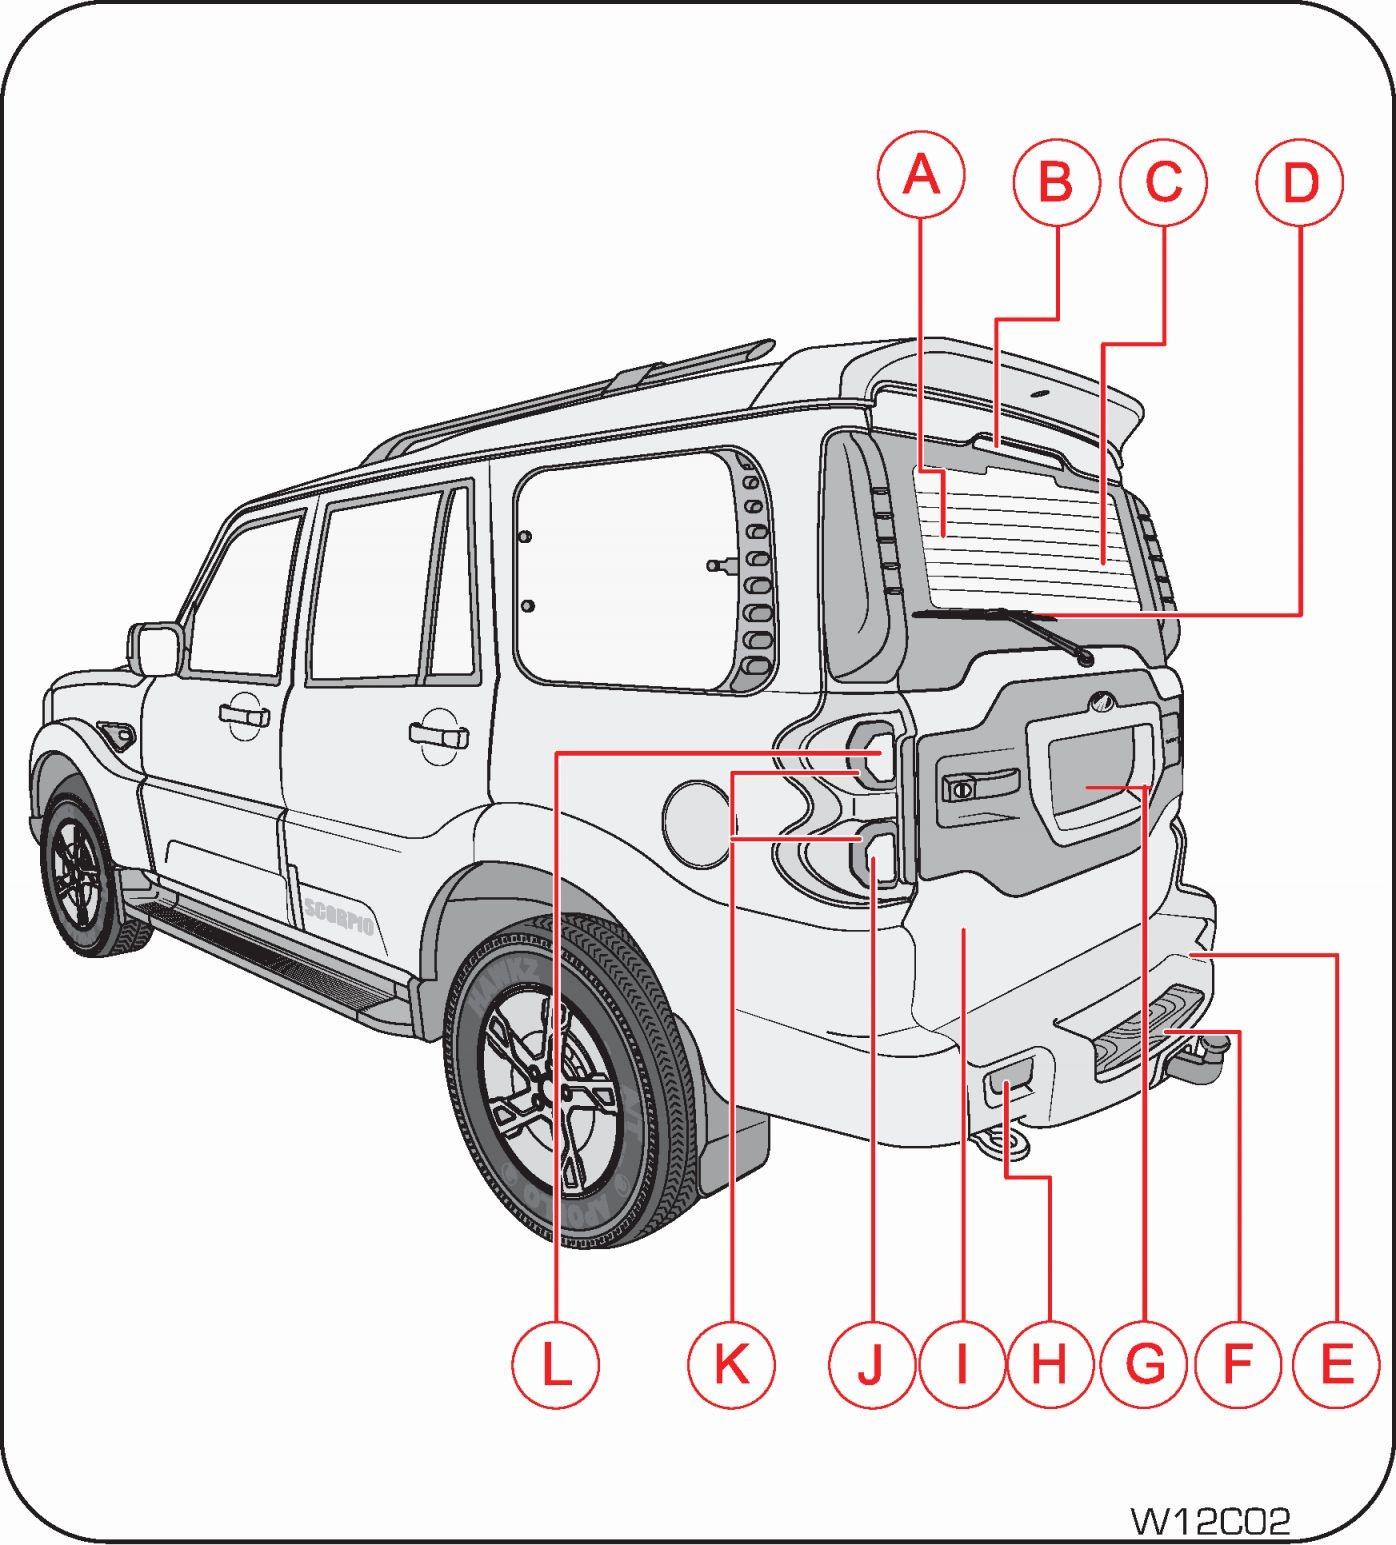 Car Body Parts Diagram Exterior Parts A Car Lovely Vehicle Body Parts Name Pi64 Of Car Body Parts Diagram